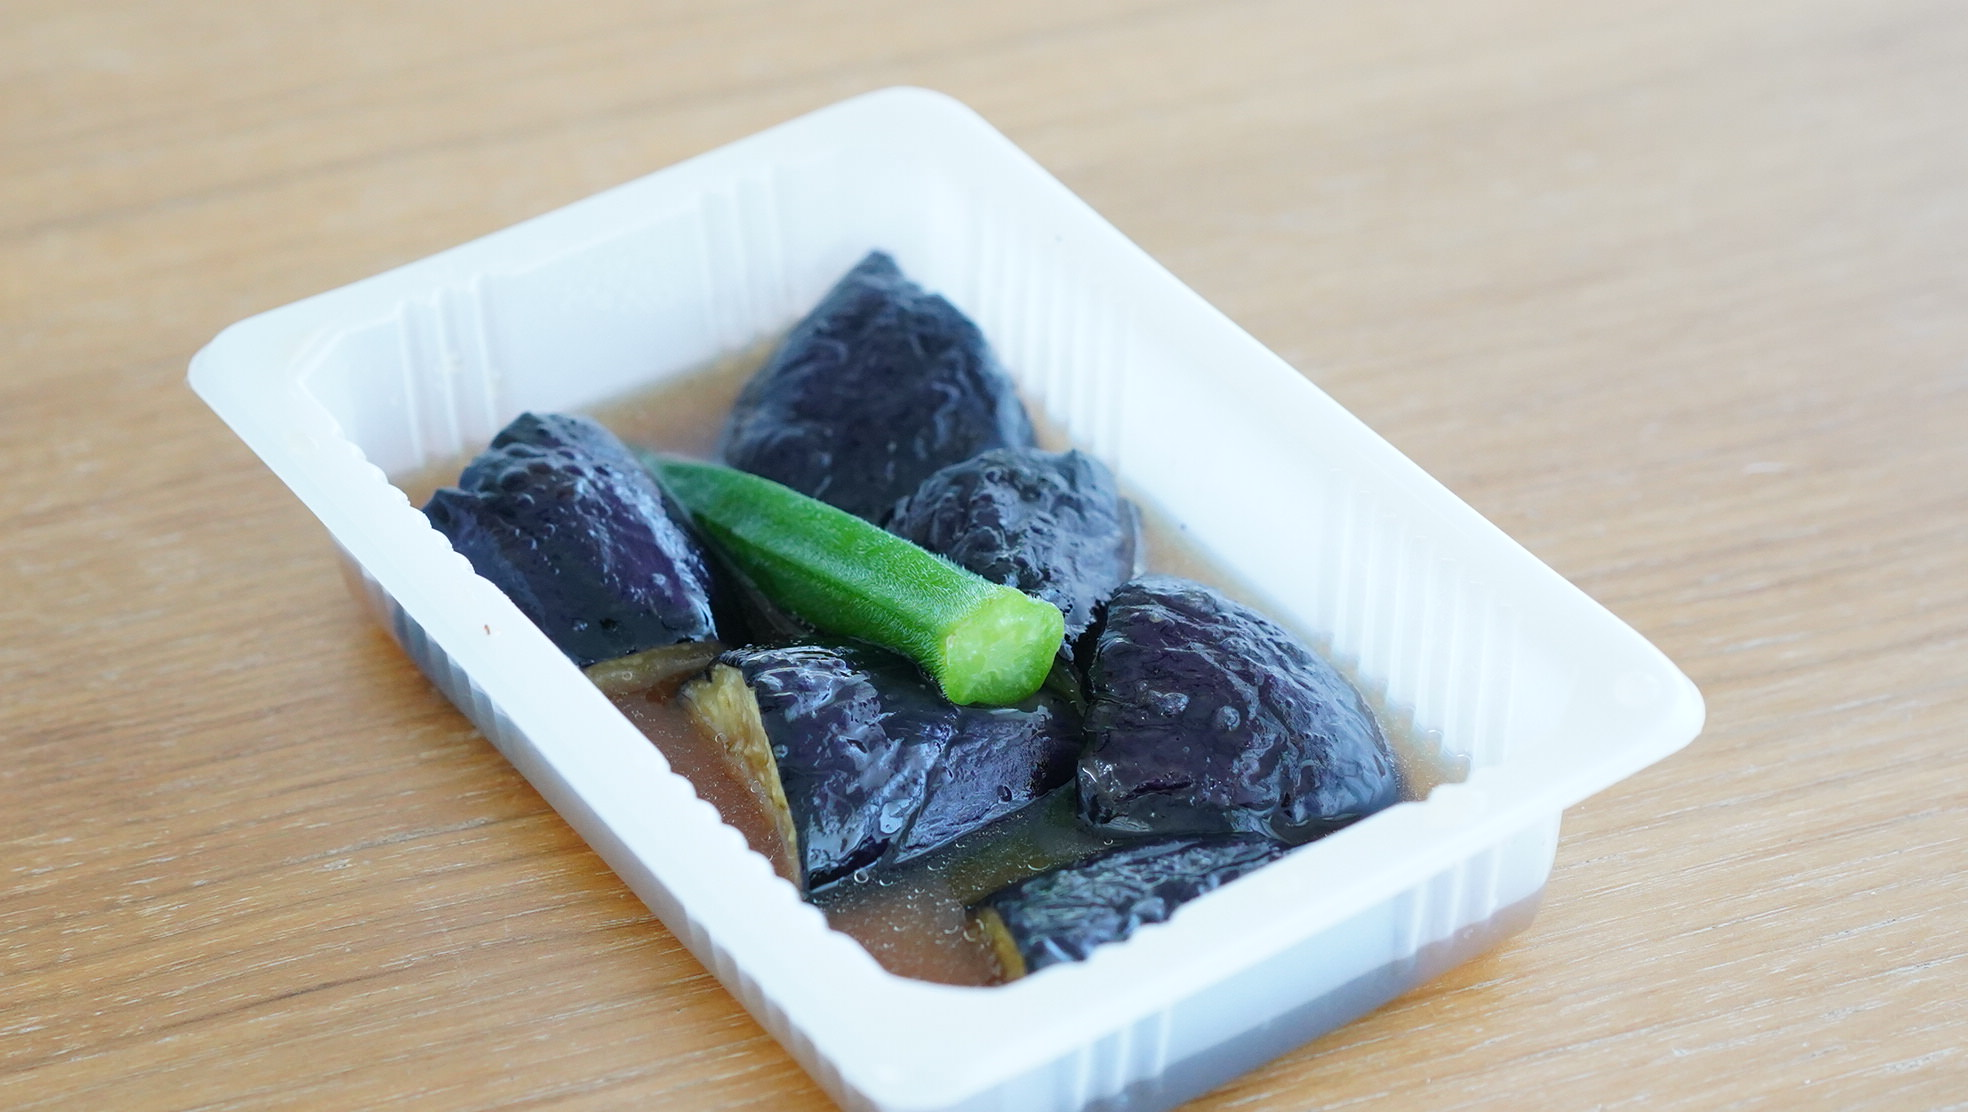 セブンイレブンのおすすめ冷凍食品「なすの揚げびたし」の中身の写真